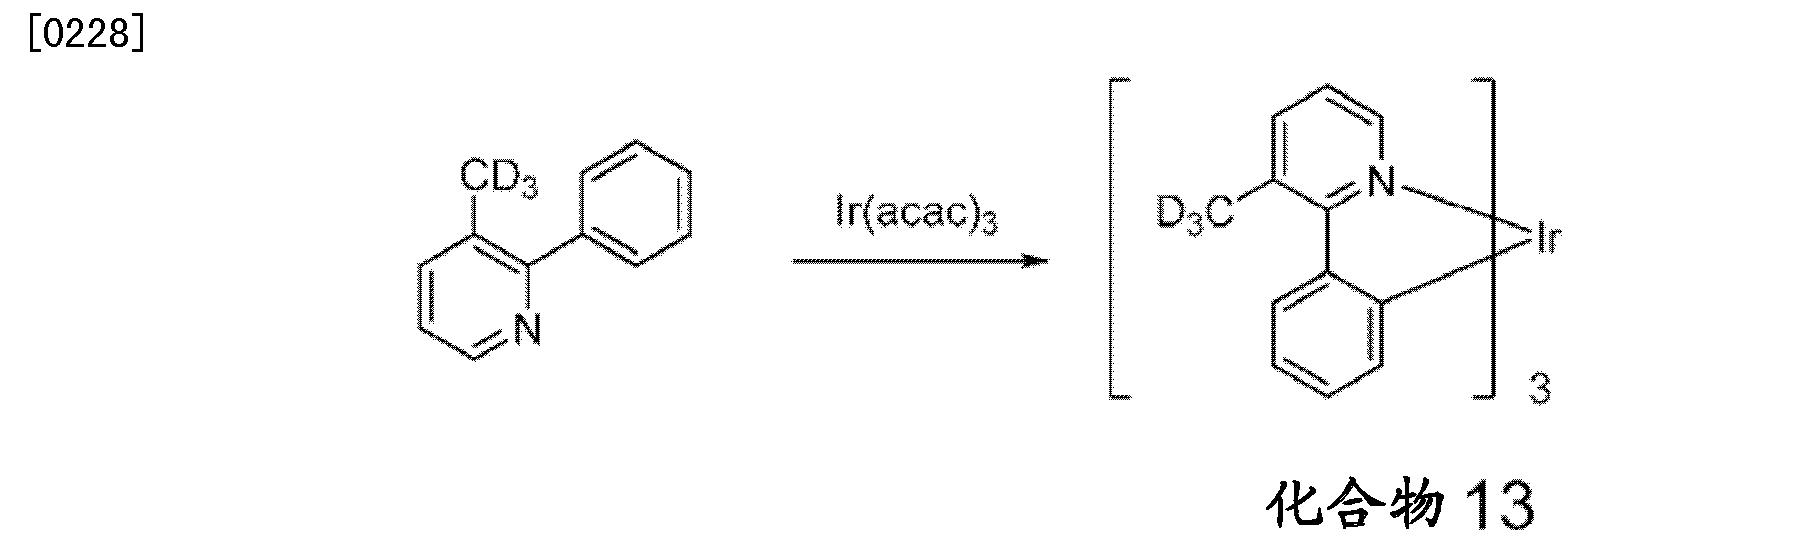 Figure CN102459505BD00703